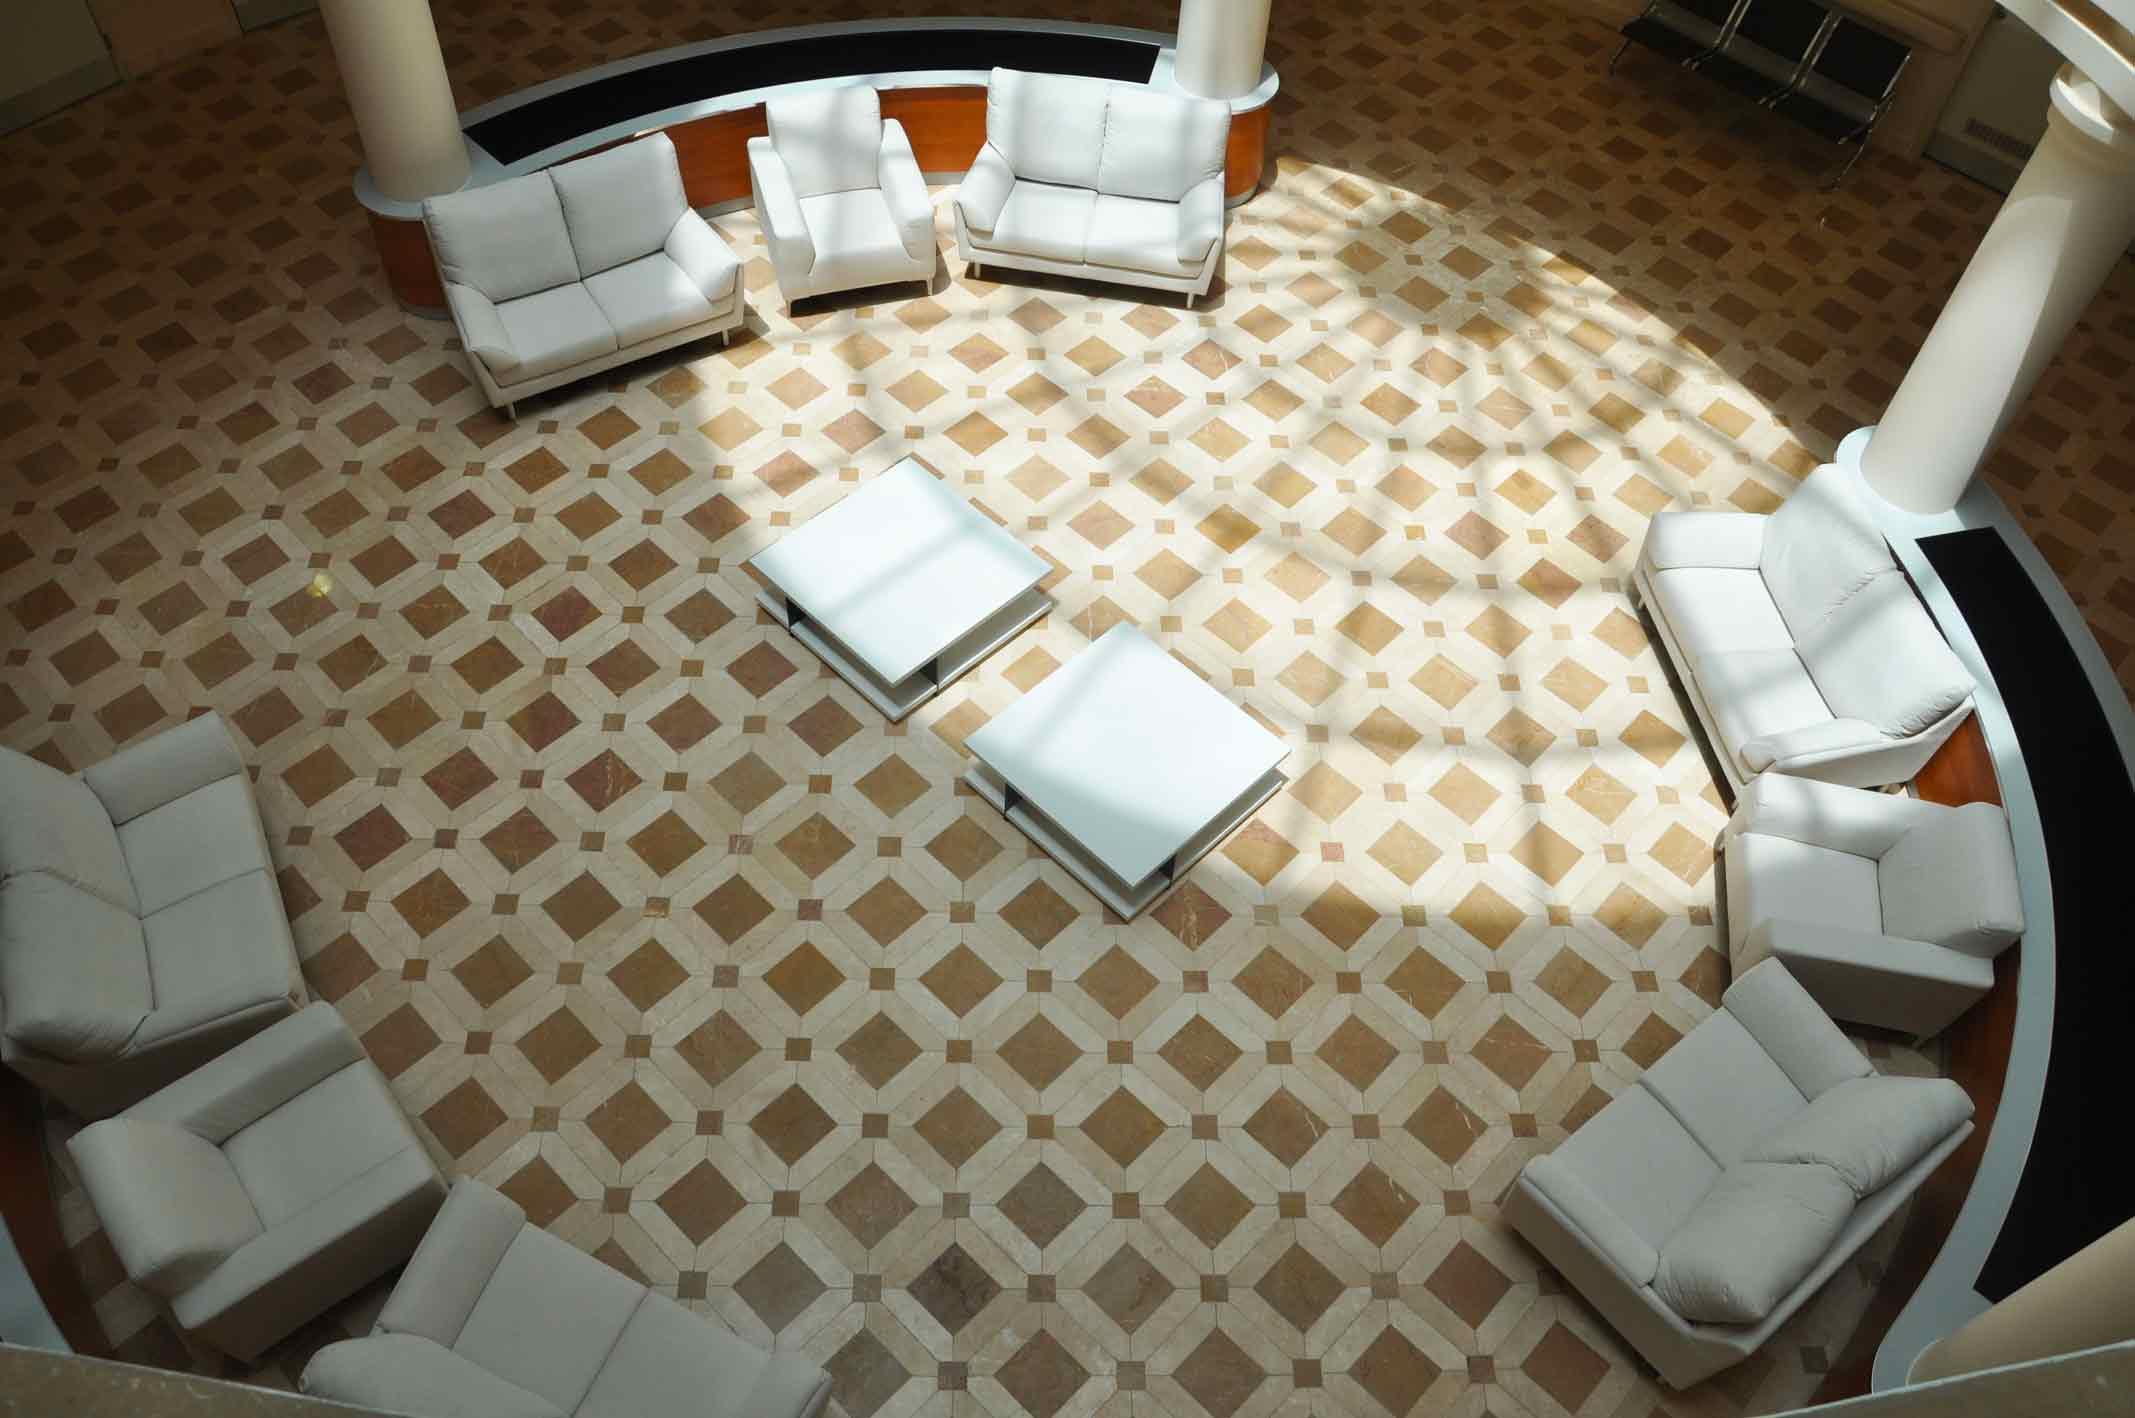 Best Interior Design Showrooms in Dubai best interior design showrooms in dubai Best Interior Design Showrooms in Dubai 0